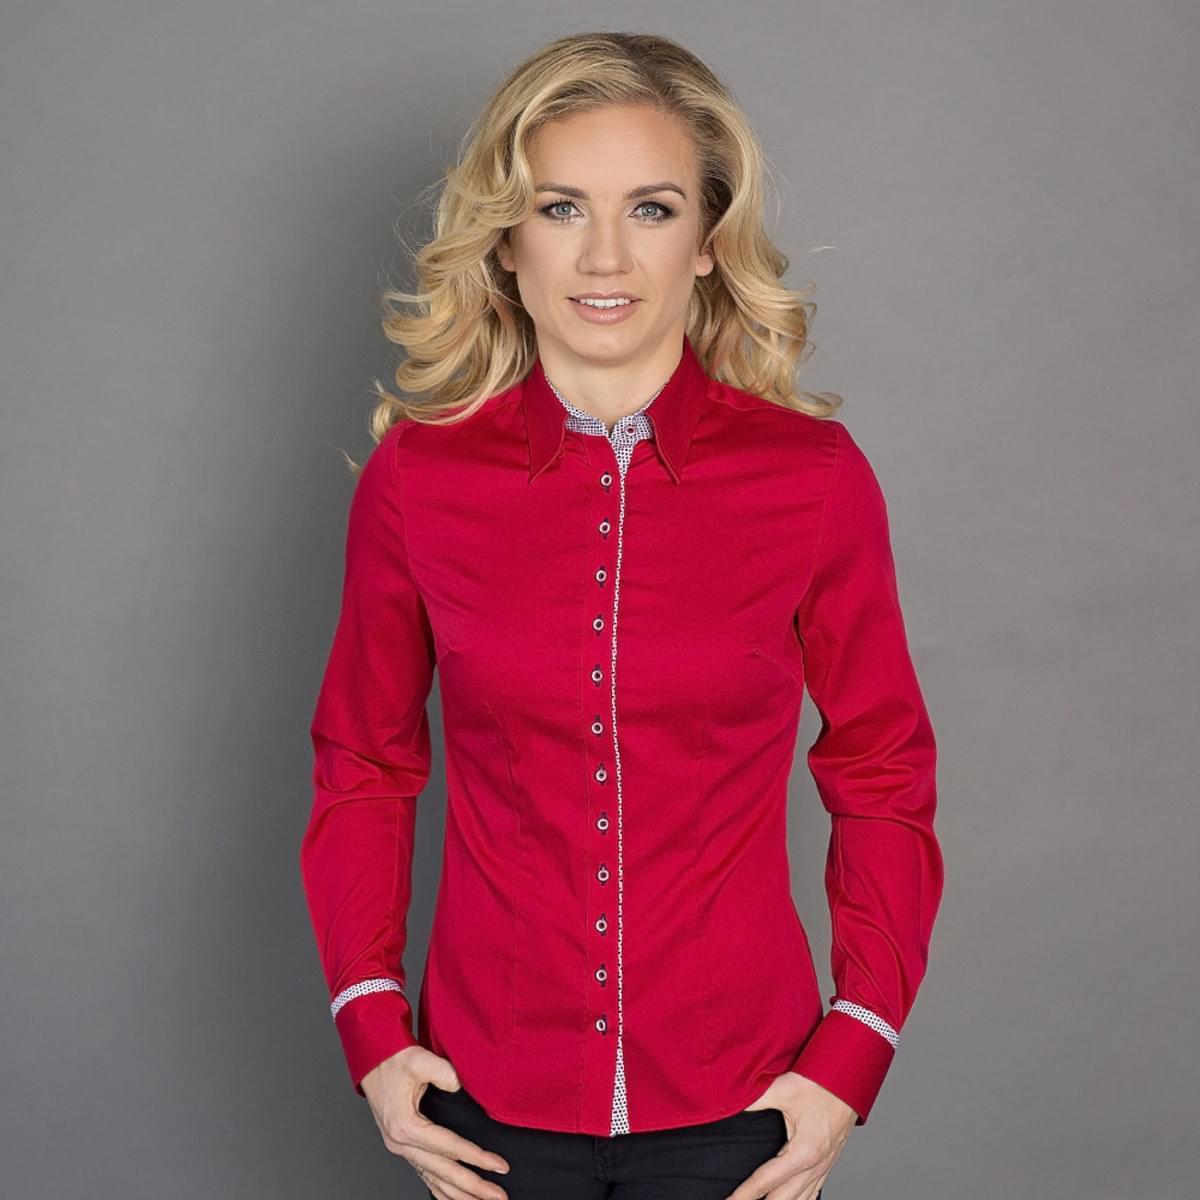 Dámská košile Willsoor 6404 v červené barvě 42